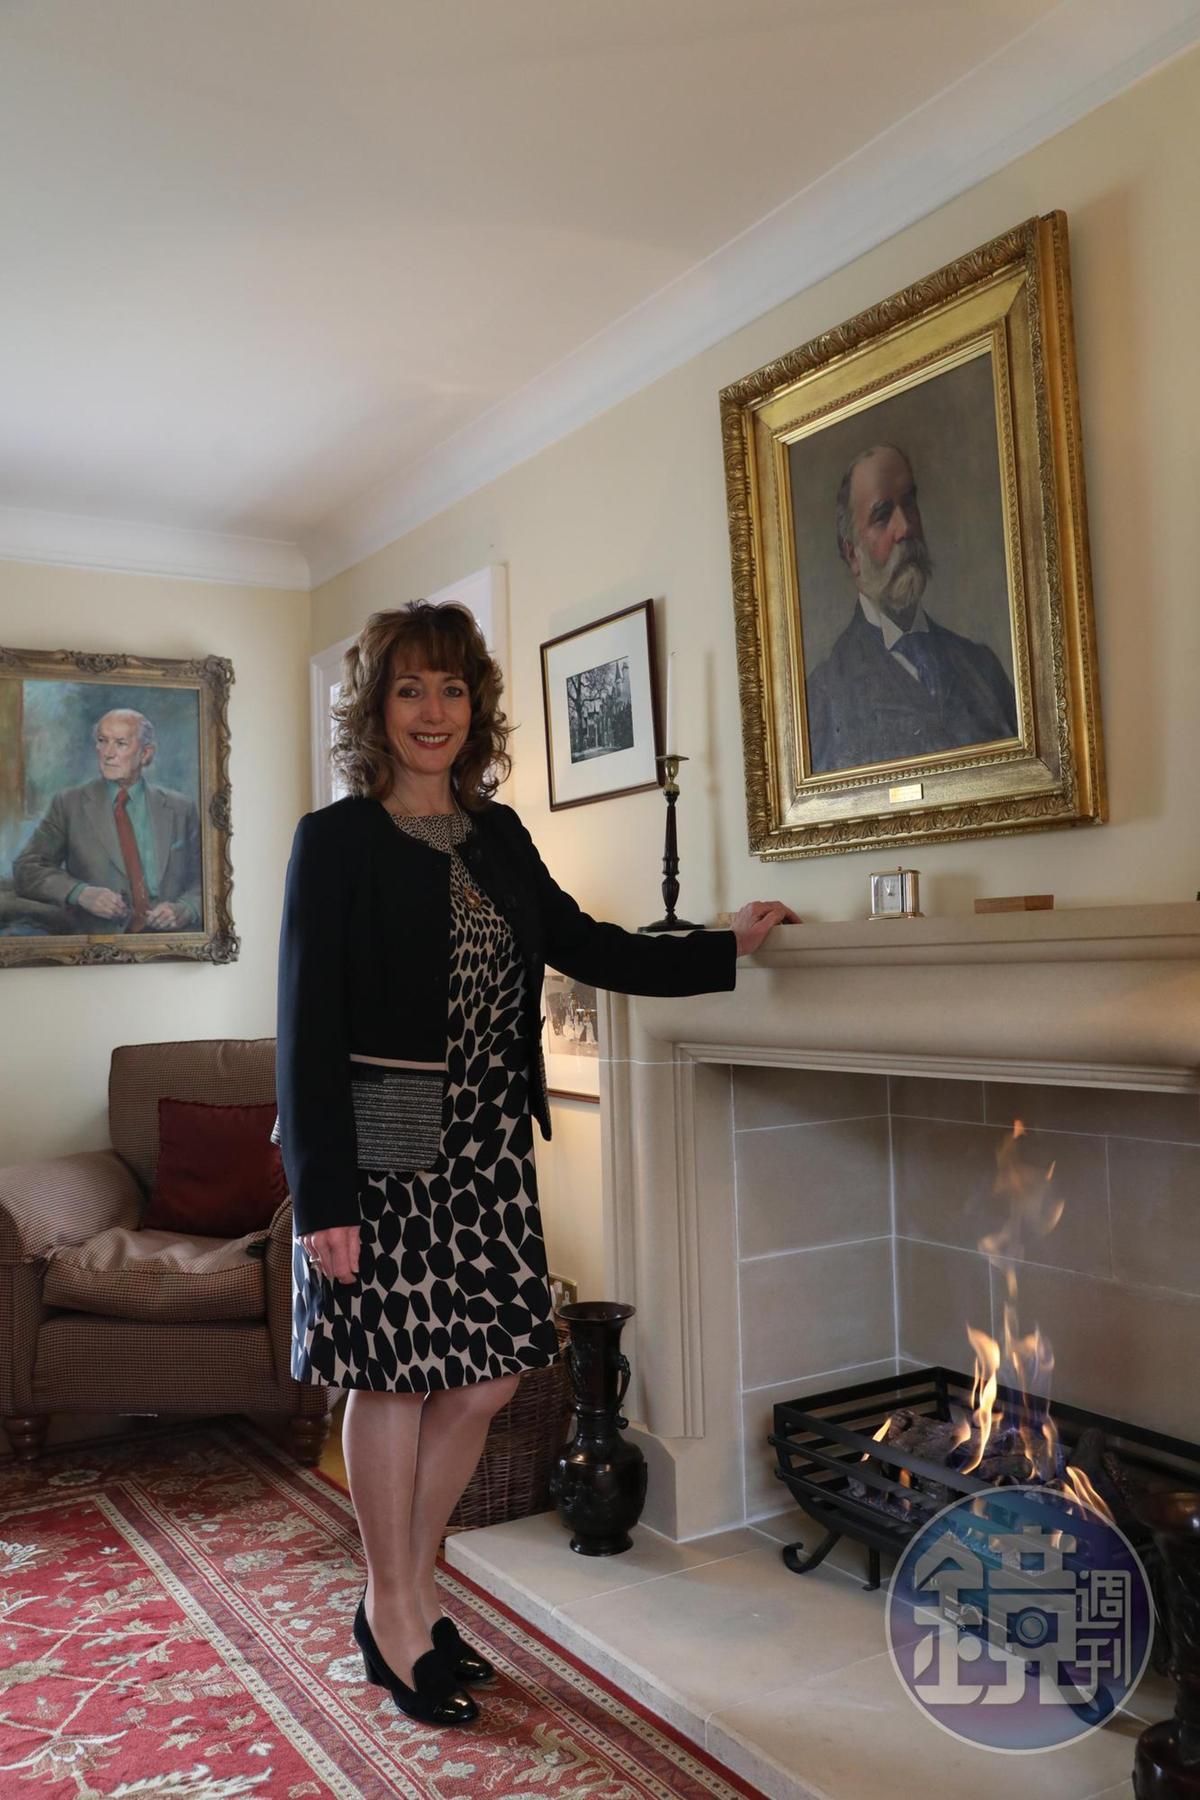 在麥卡倫工作多年以上的訪客經理Moray Ralph,壁爐上是Roderick kemp的畫像,他生於1892年,是為麥卡倫命名的創始者。